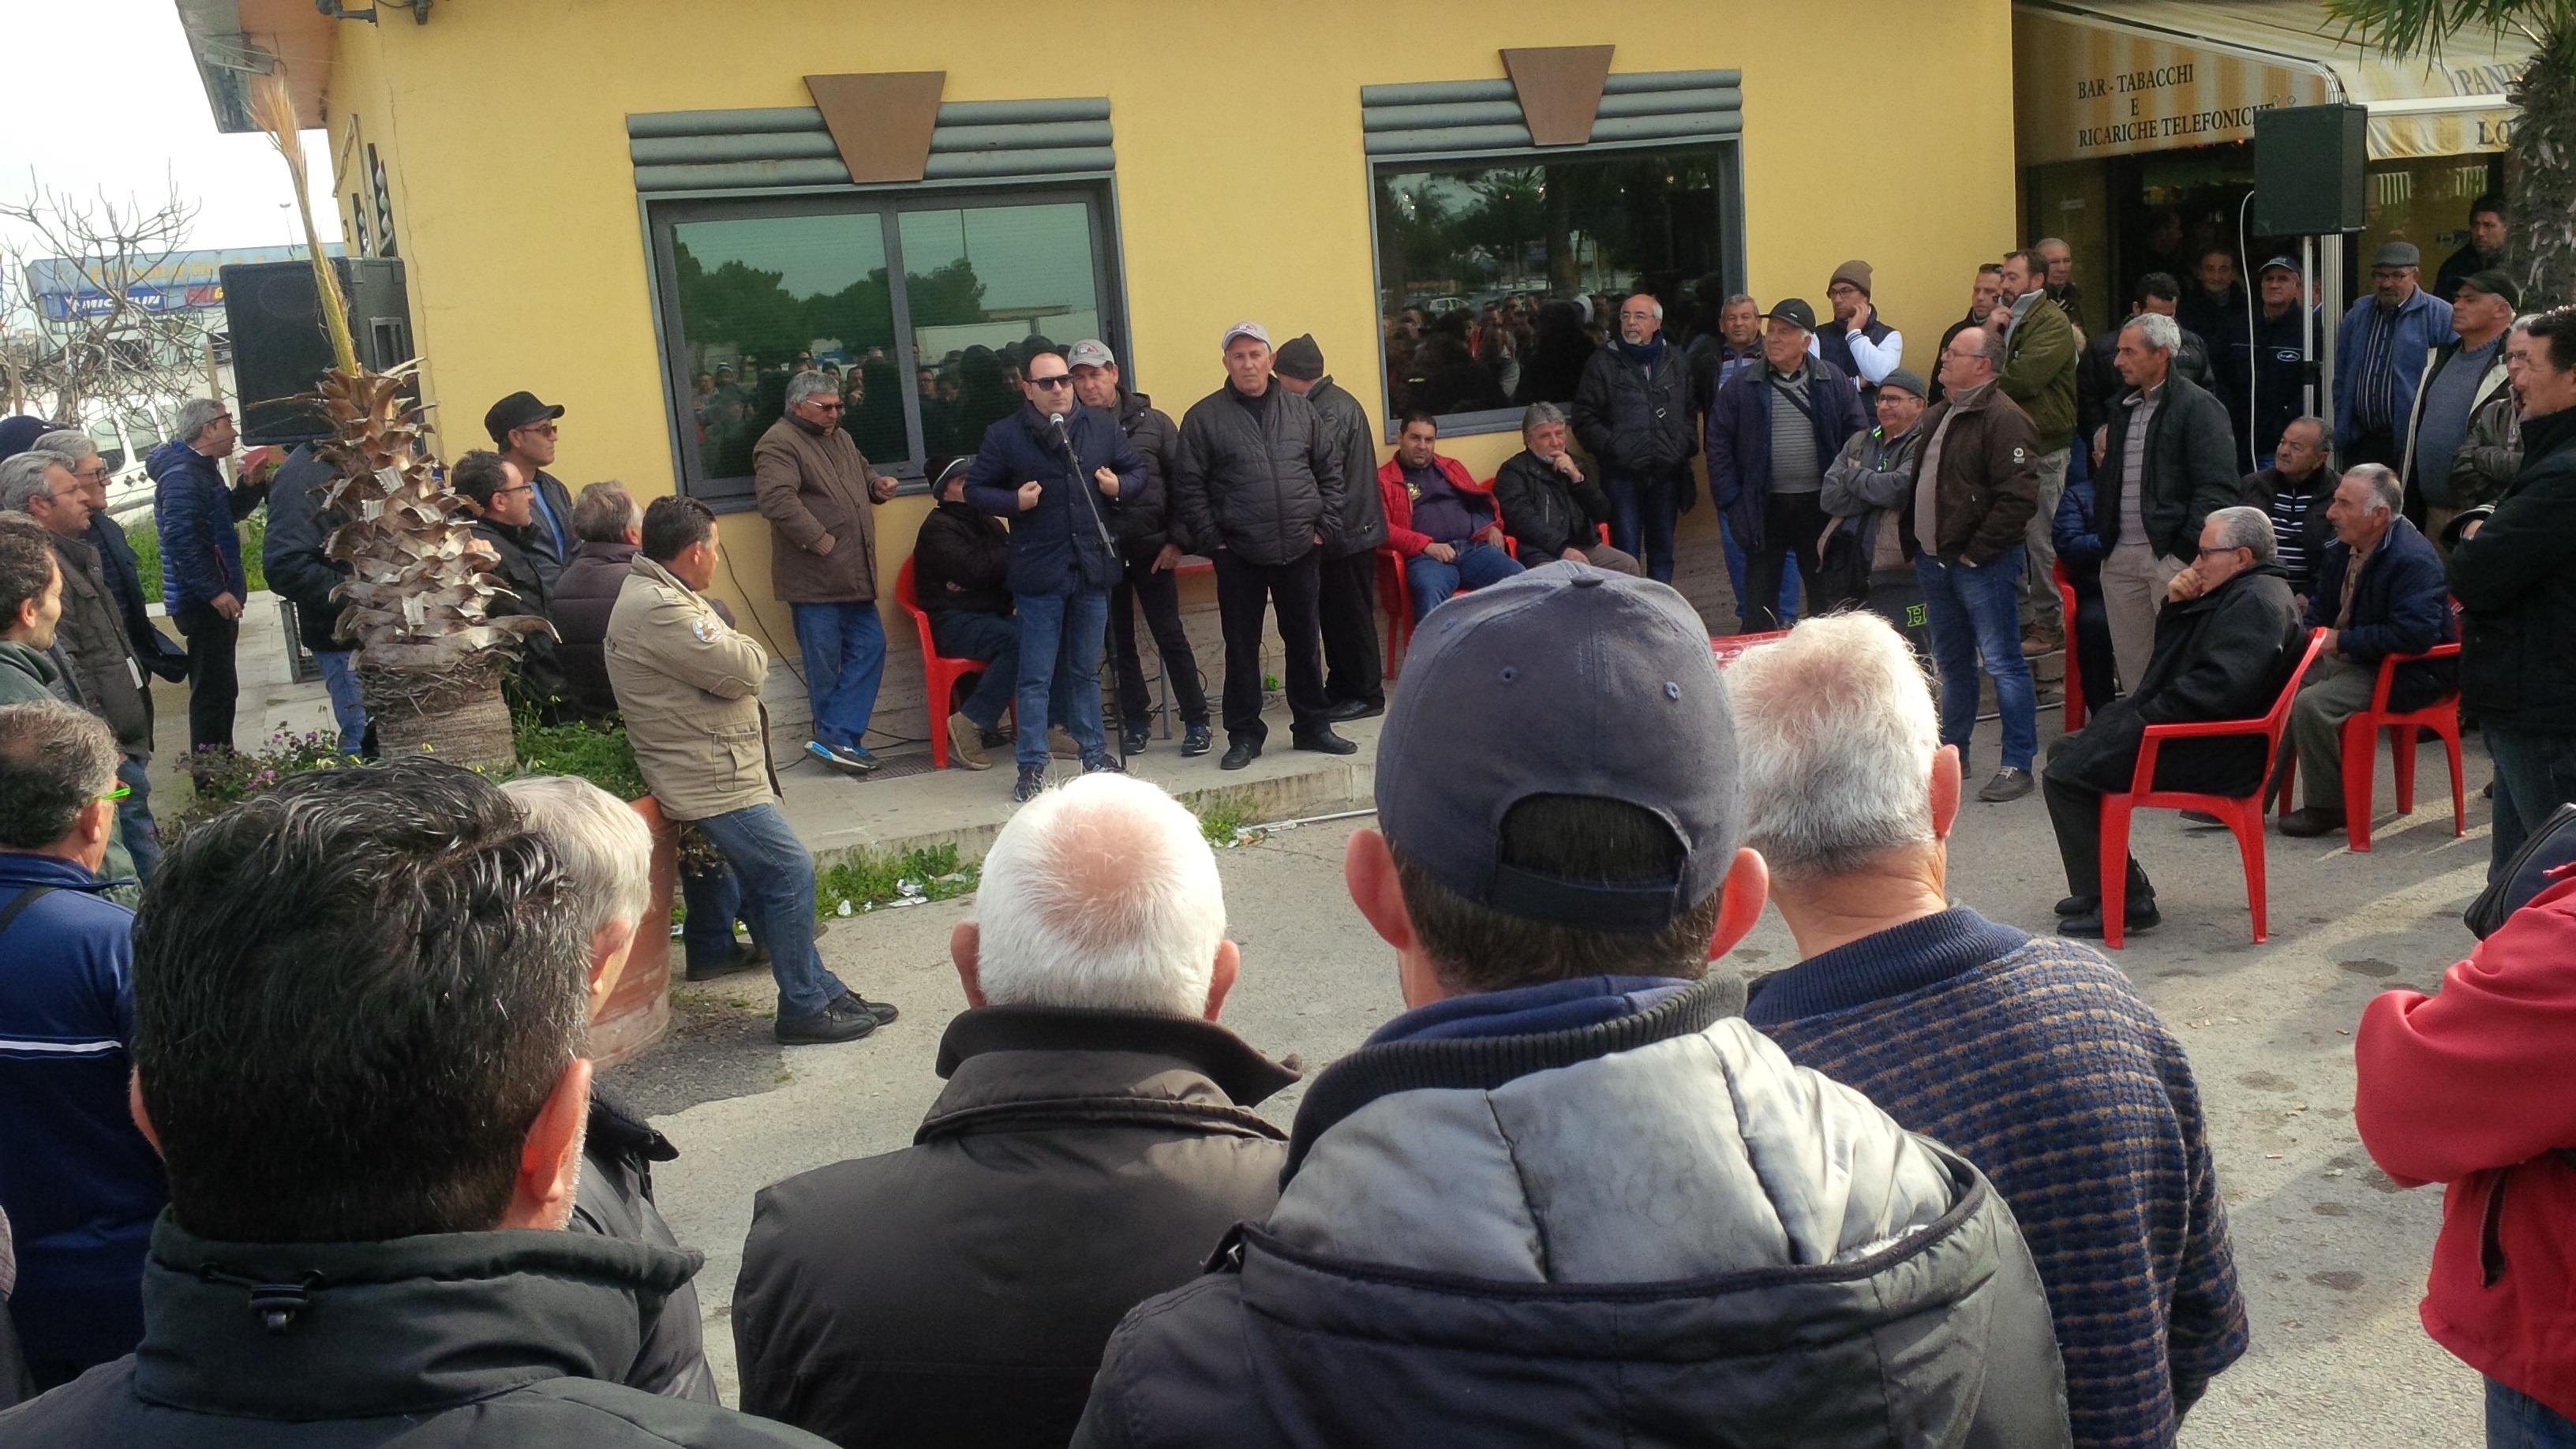 Europa: pugno di ferro con l'Italia, ma mette sullo stesso piano le eccellenze ortofrutticole siciliane con fake Nord Africani